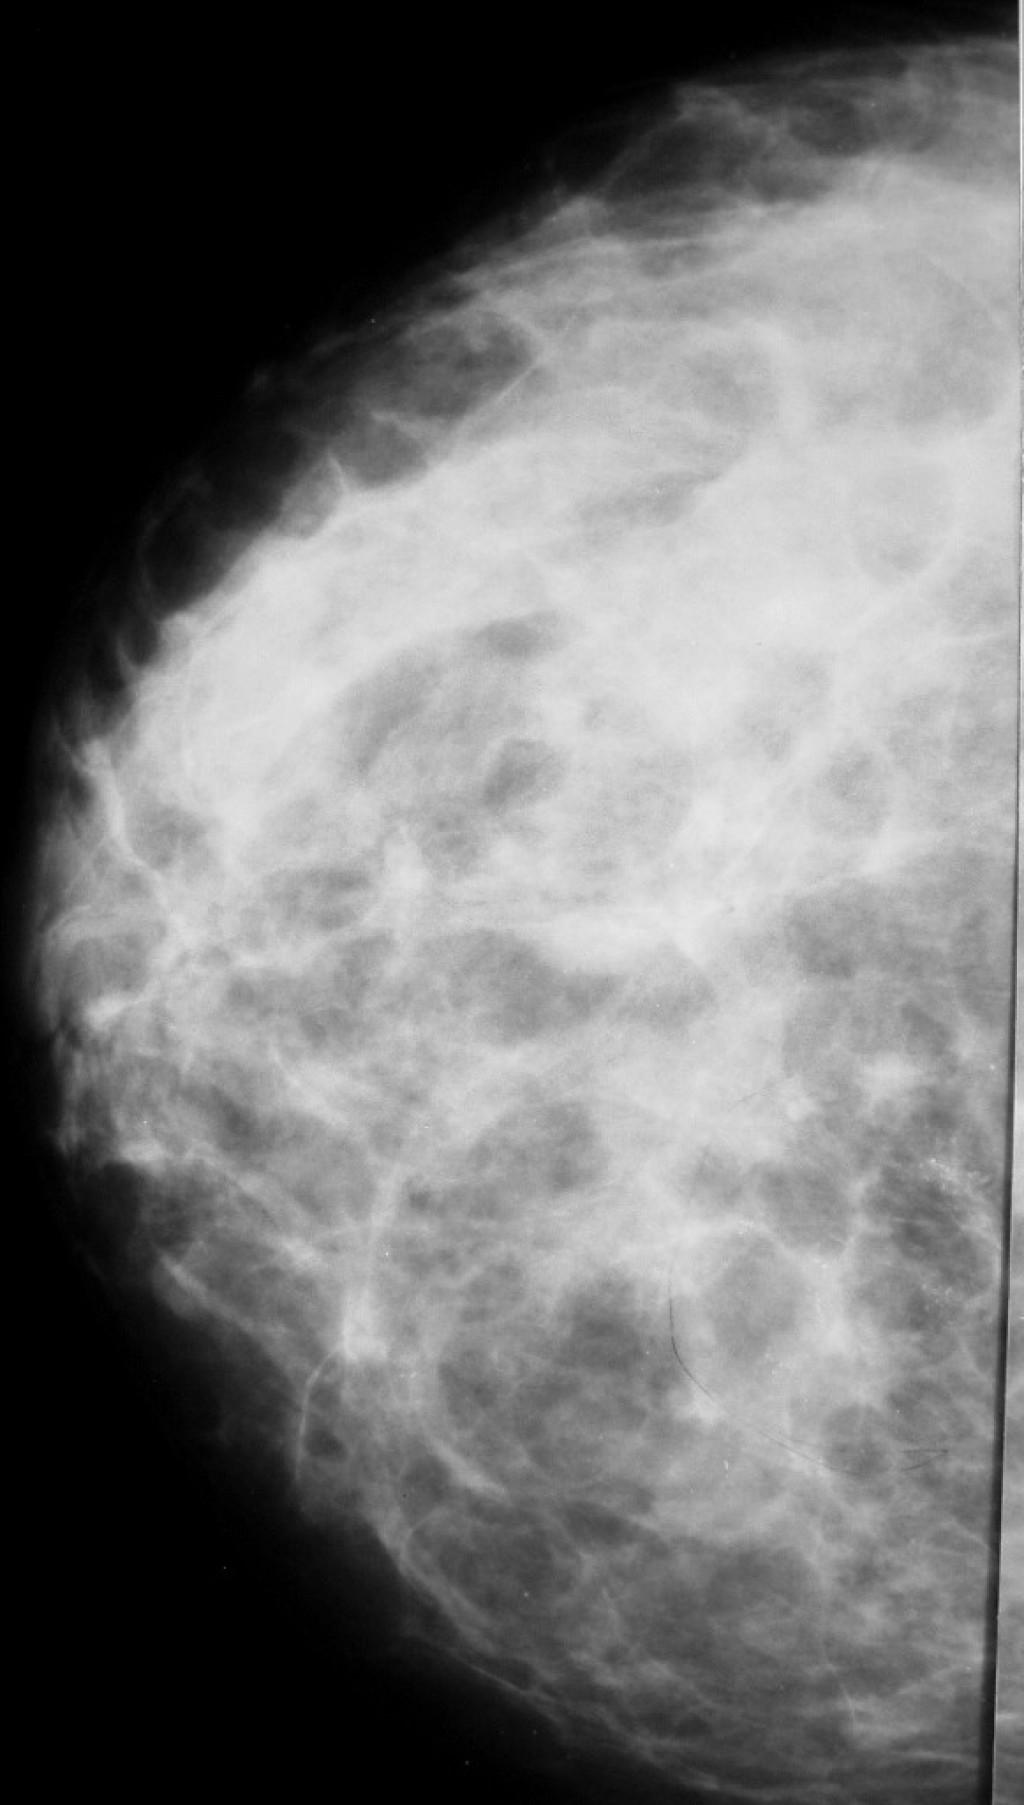 Протоковая карцинома in situ (ПКИС)